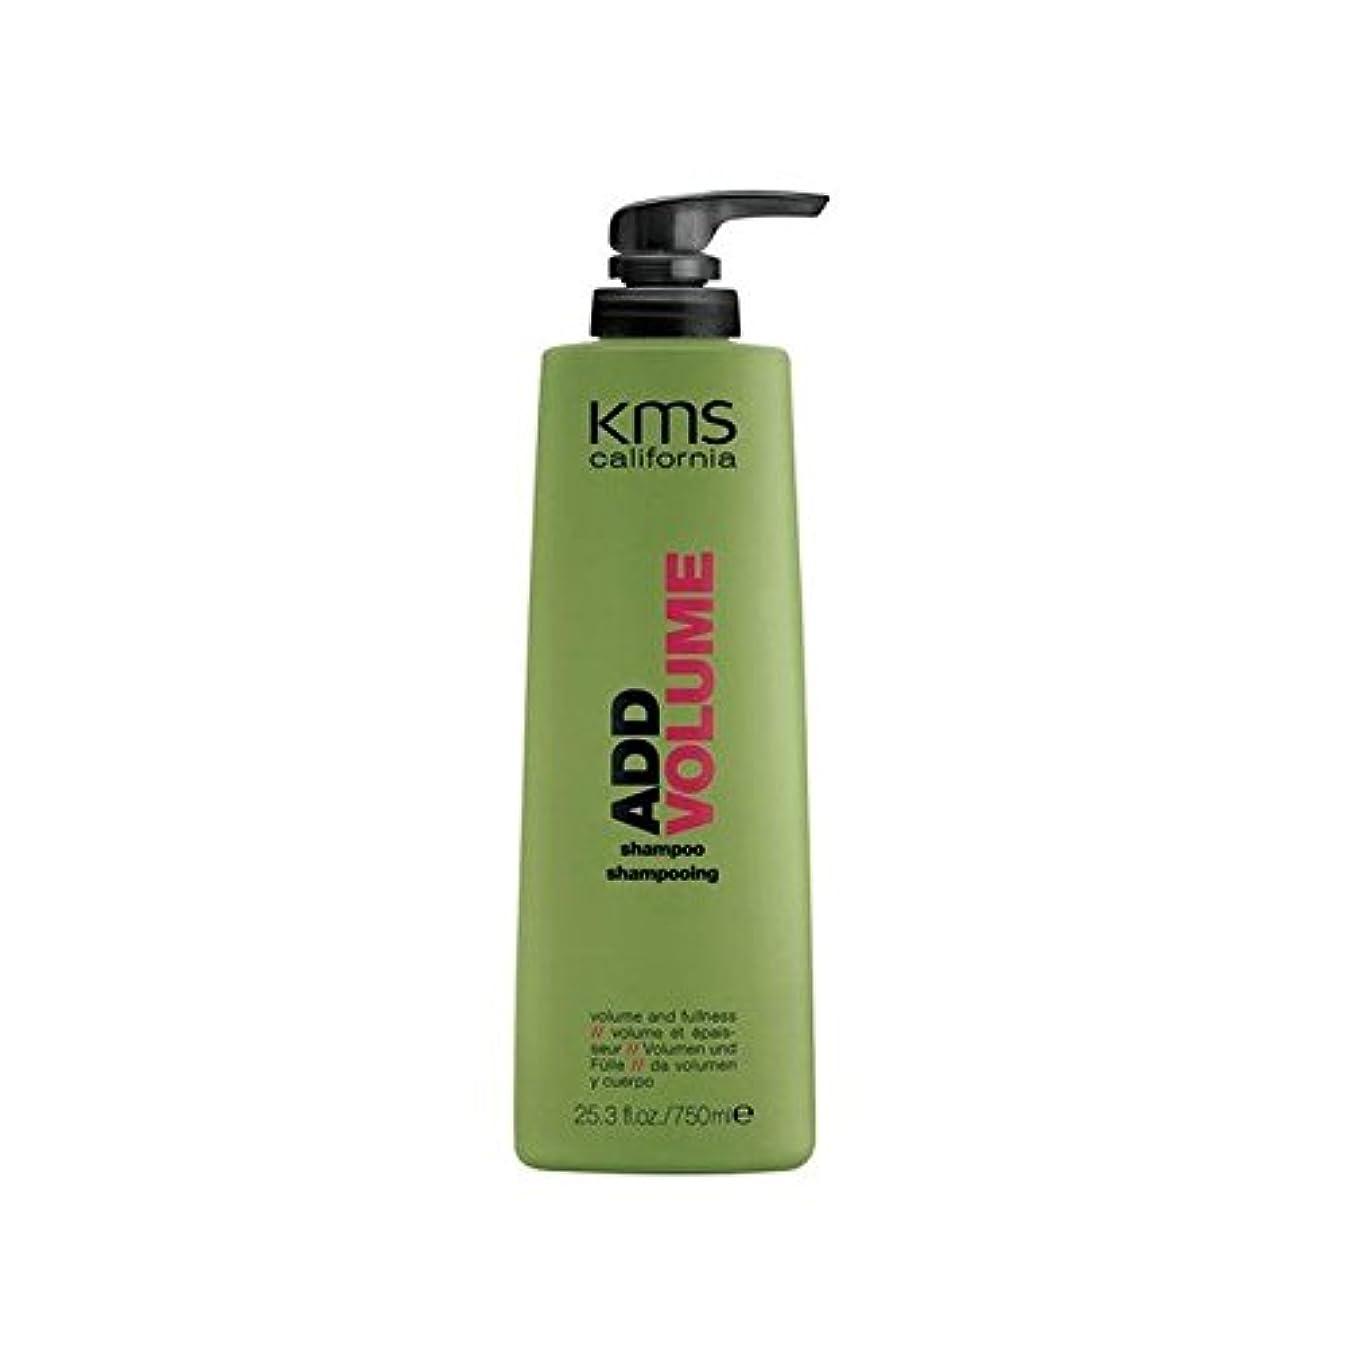 支出ペルメル付き添い人Kms California Addvolume Shampoo - 750ml - カリフォルニアシャンプー - 750ミリリットル [並行輸入品]